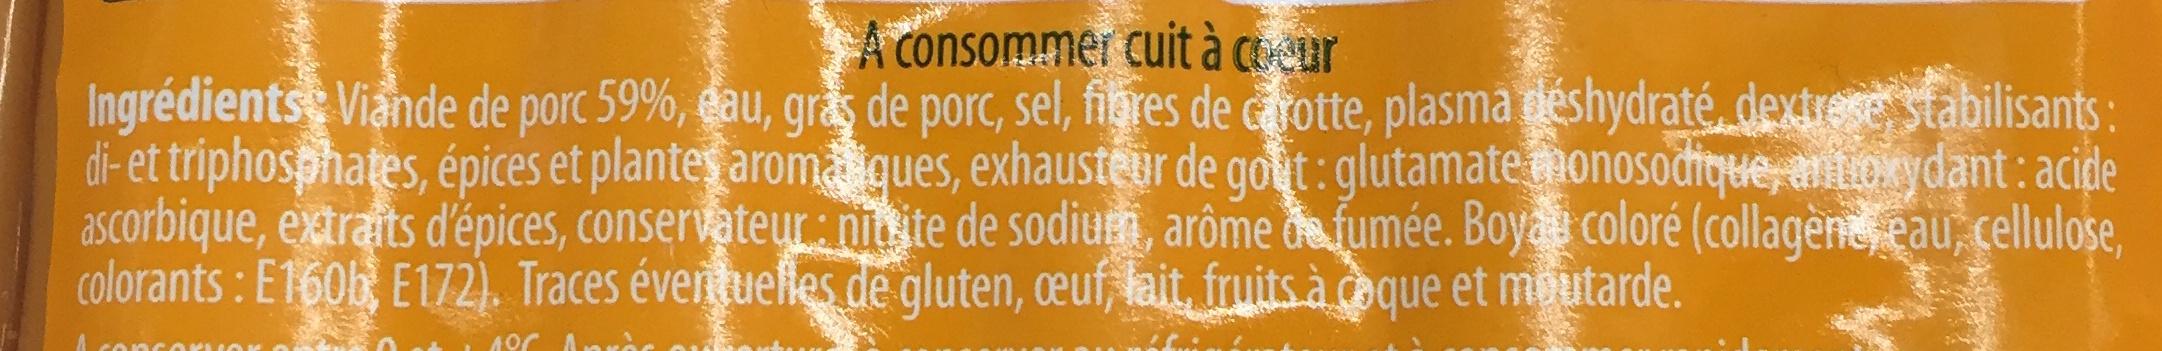 La Francfort - Ingrédients